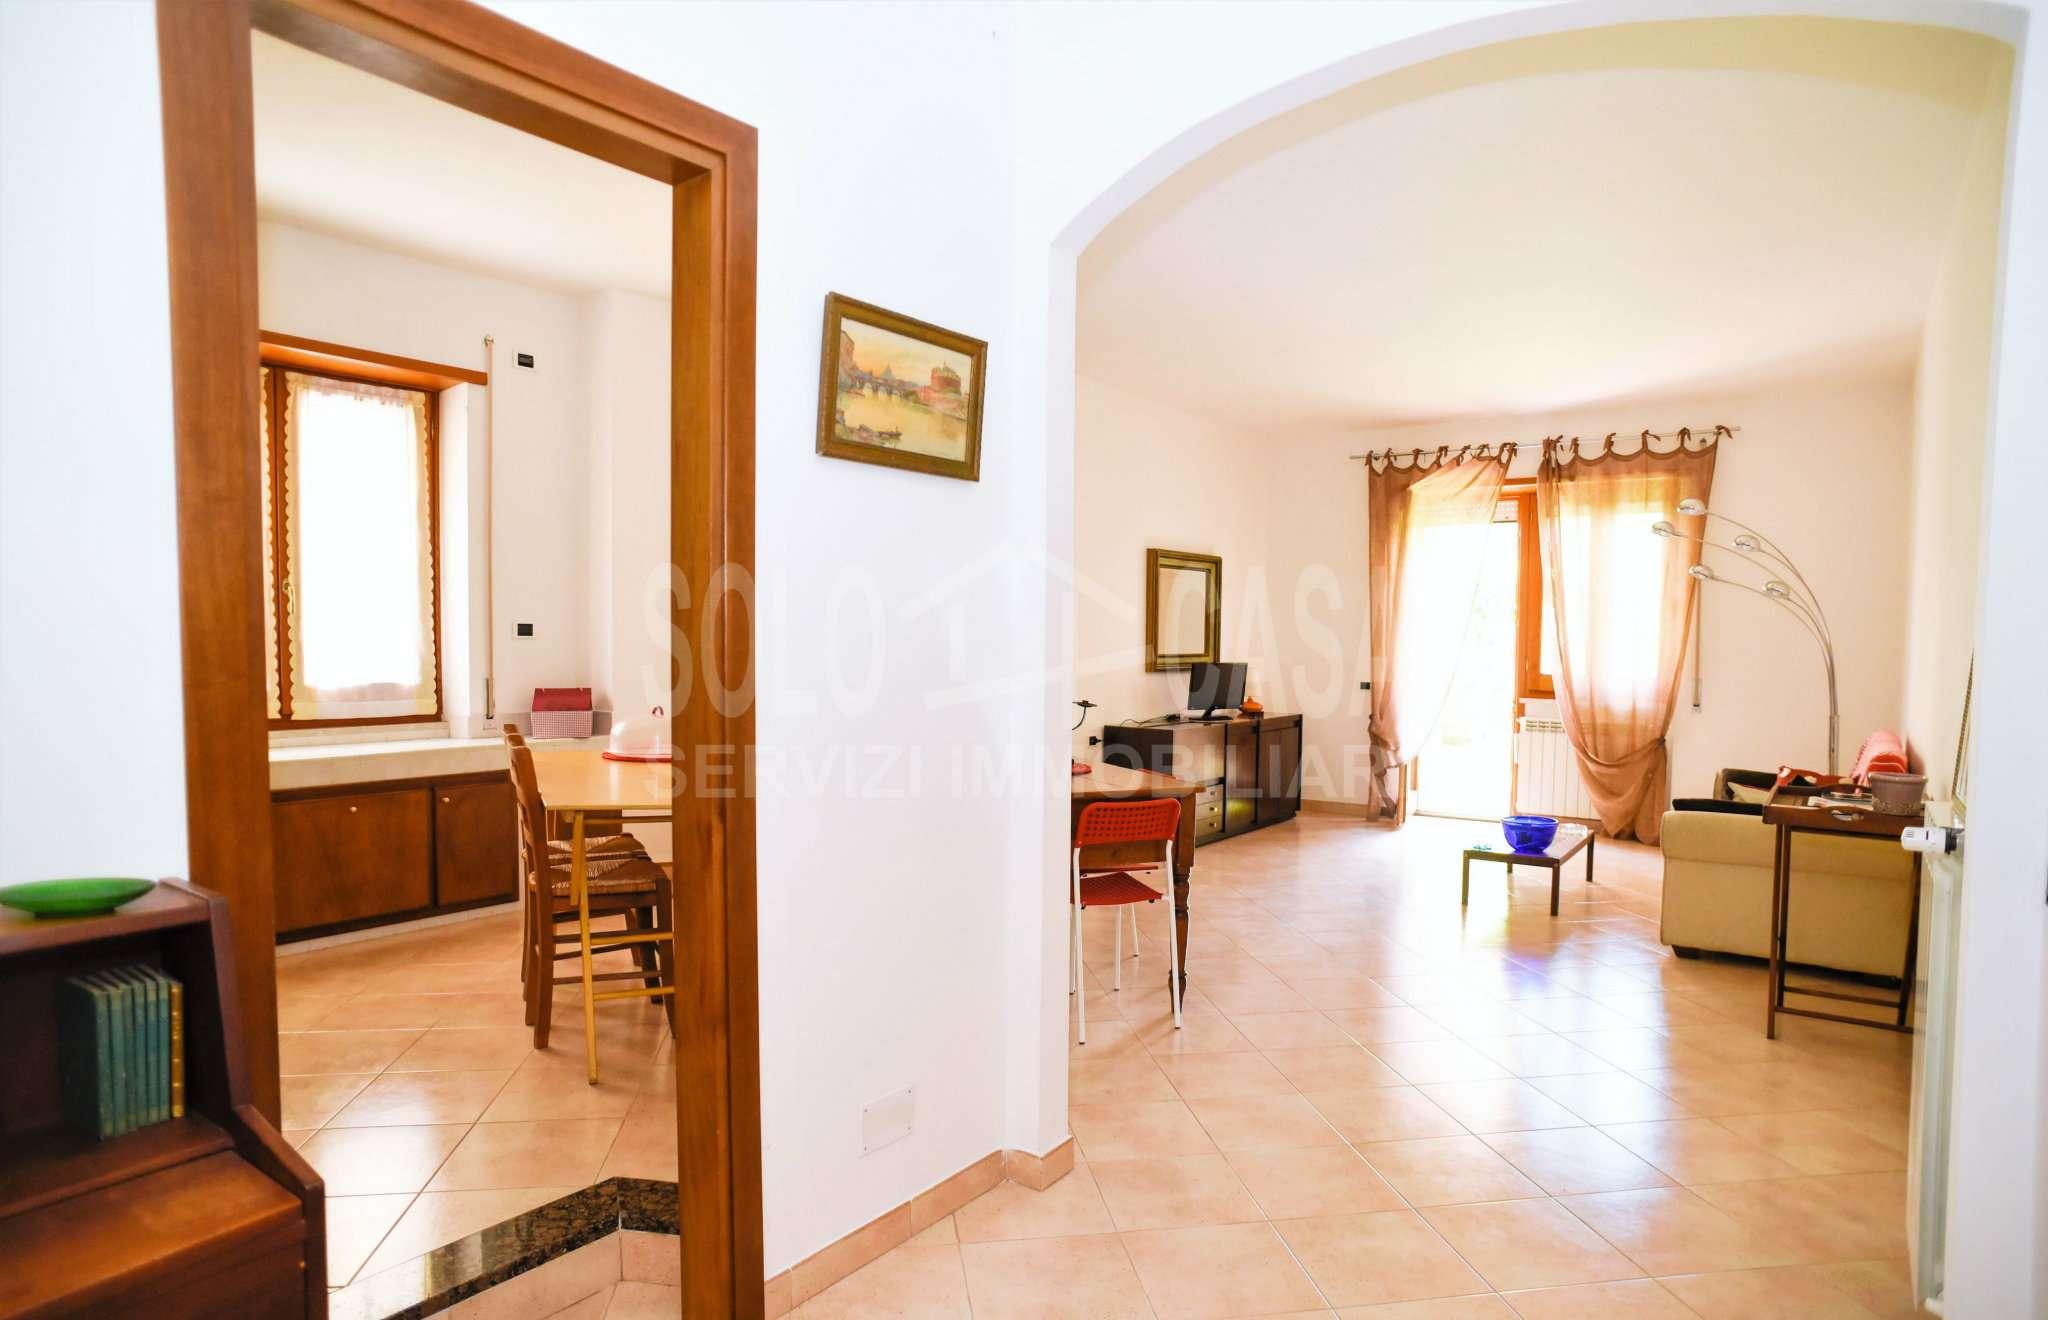 Appartamento in vendita a Roma, 3 locali, zona Zona: 40 . Piana del Sole, Casal Lumbroso, Malagrotta, Ponte Galeria, prezzo € 215.000 | CambioCasa.it